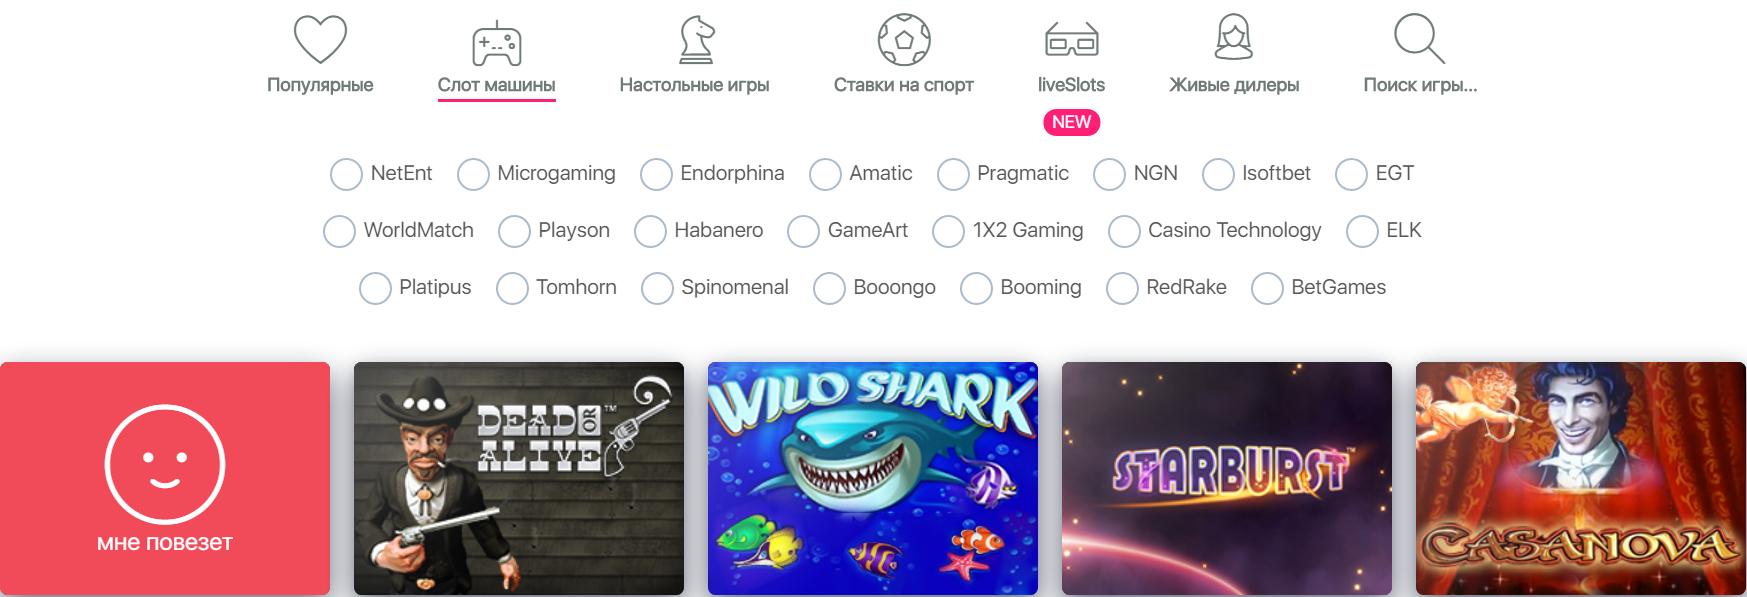 Сайт казино Победа